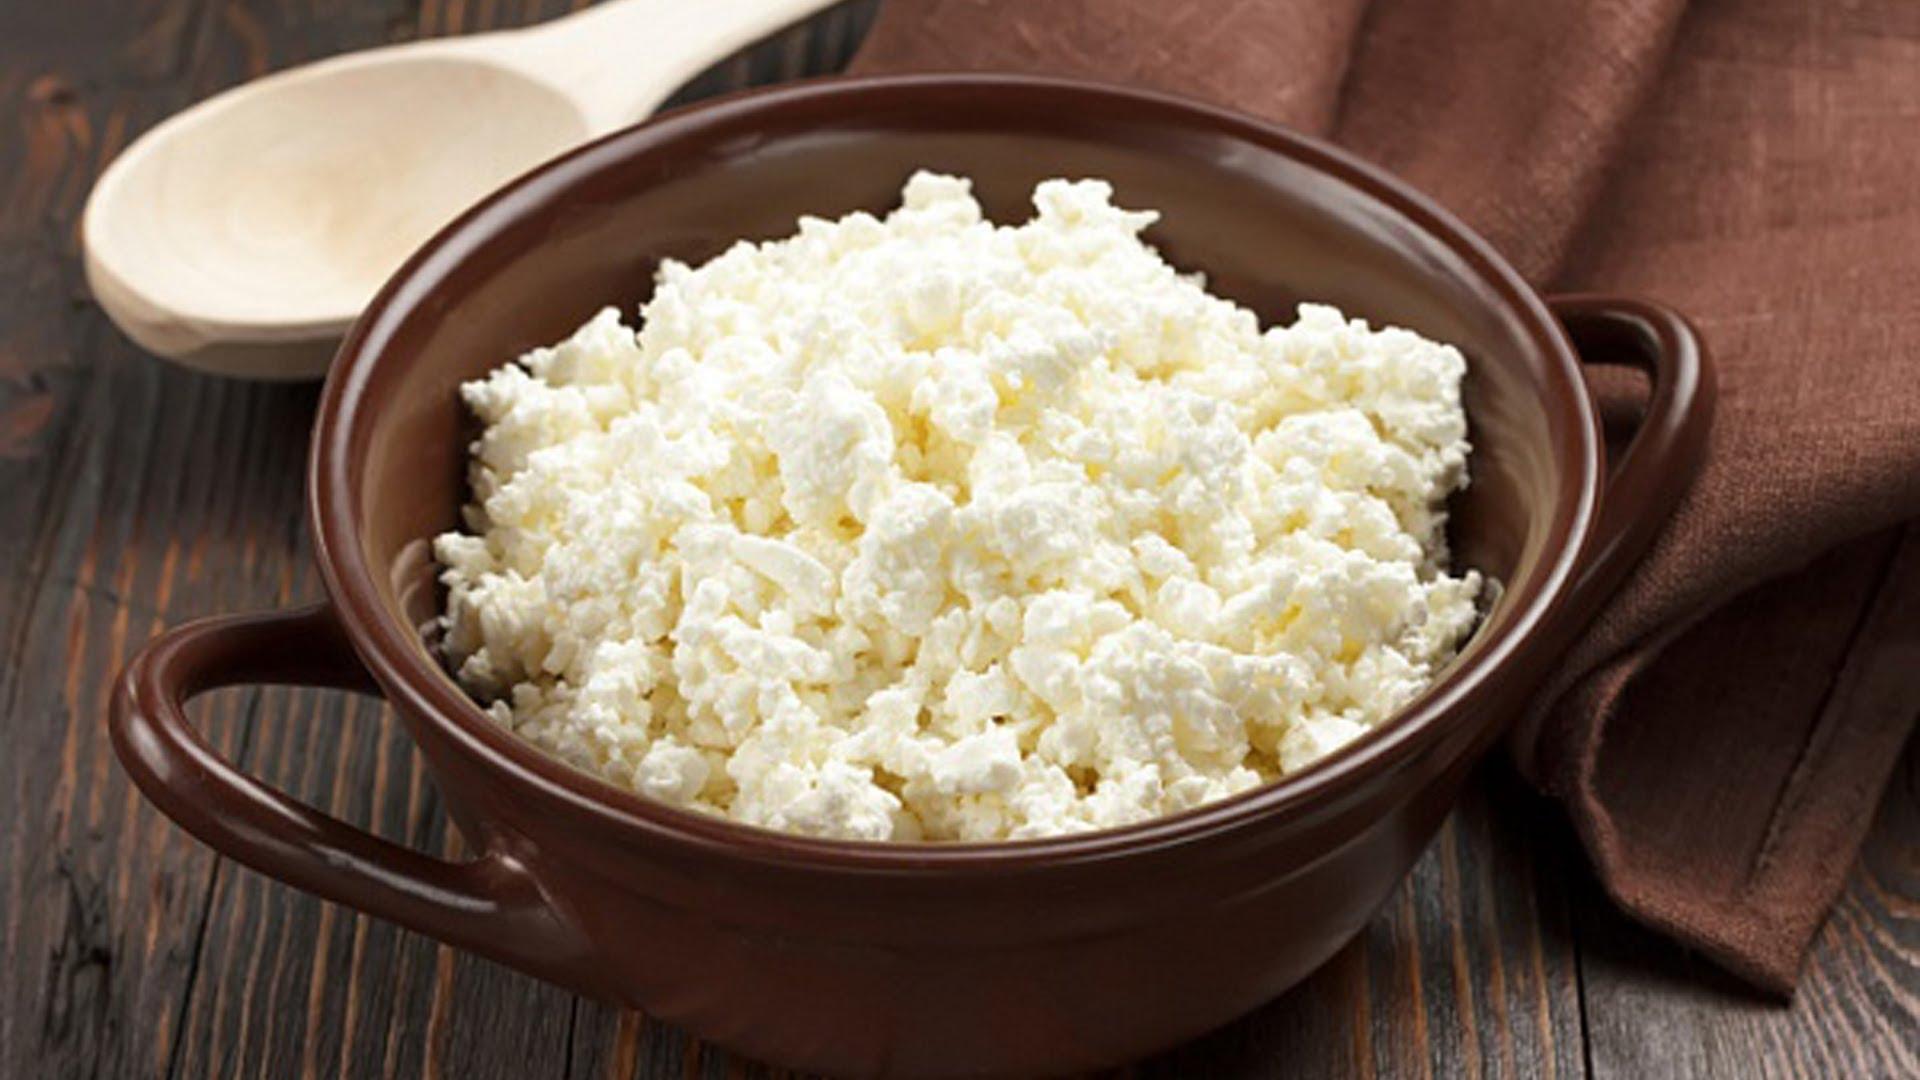 Жирный и обезжиренный кефир - польза и вред